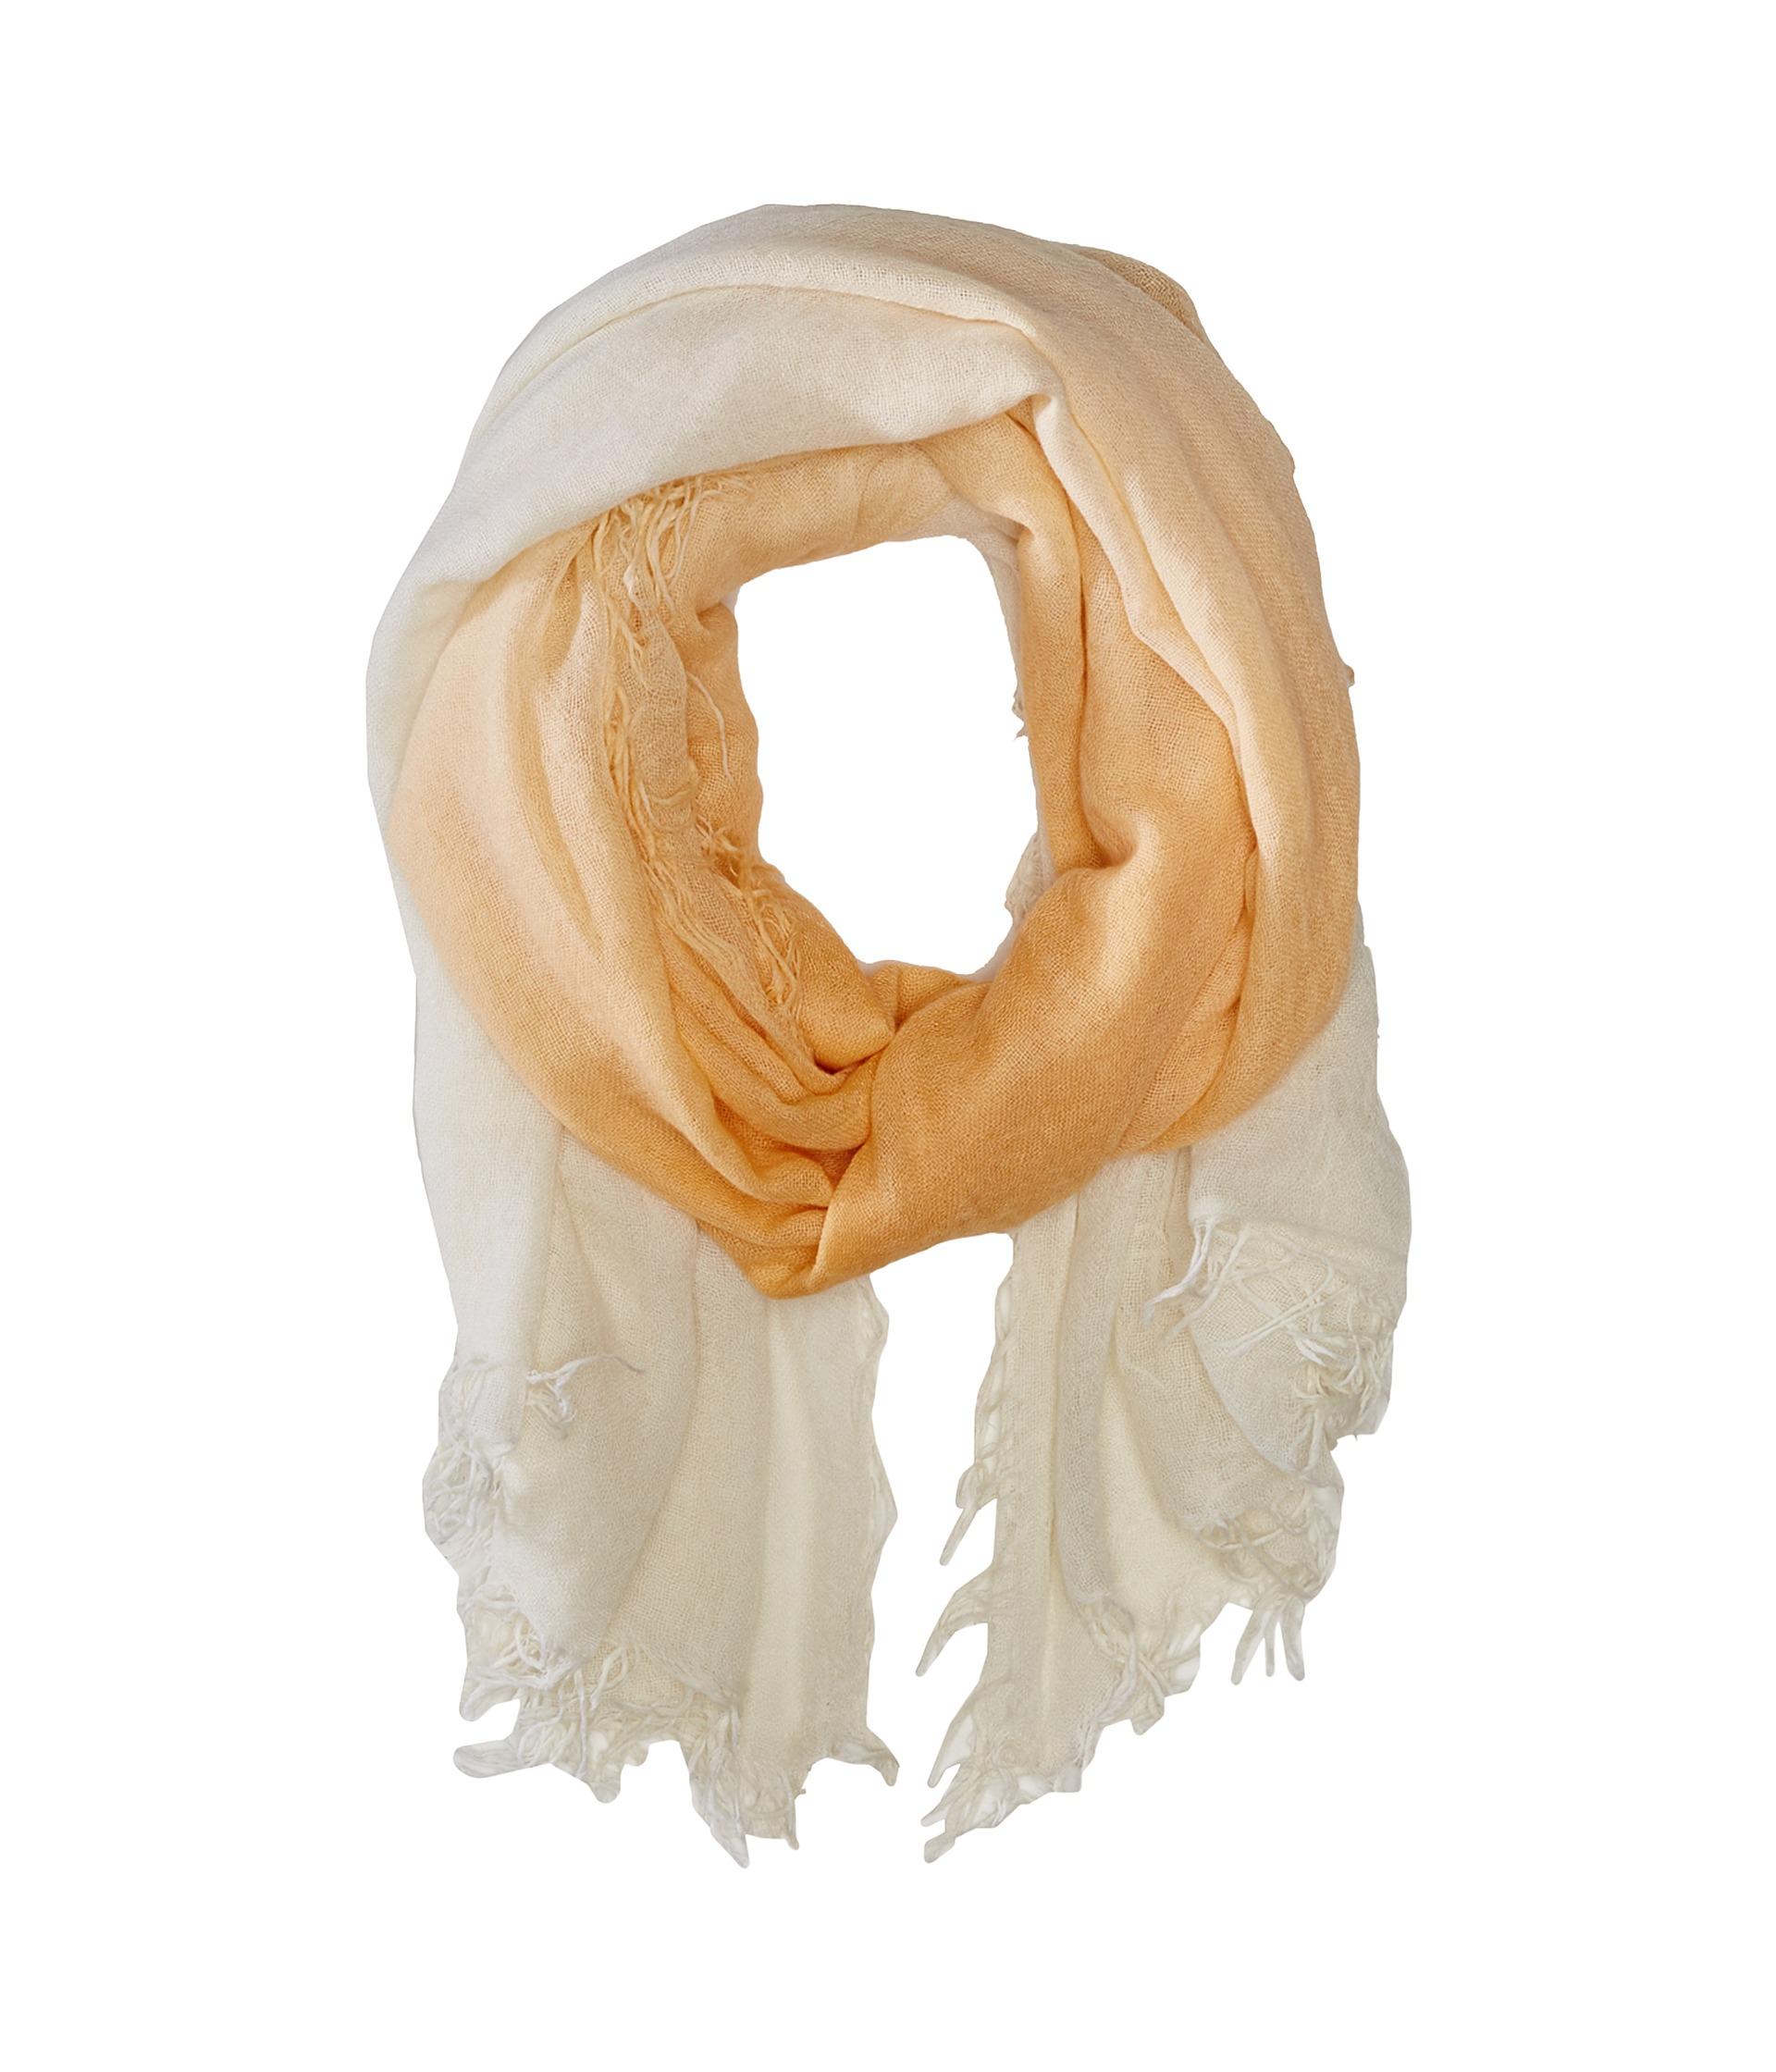 chan luu shadow dye and silk scarf in beige